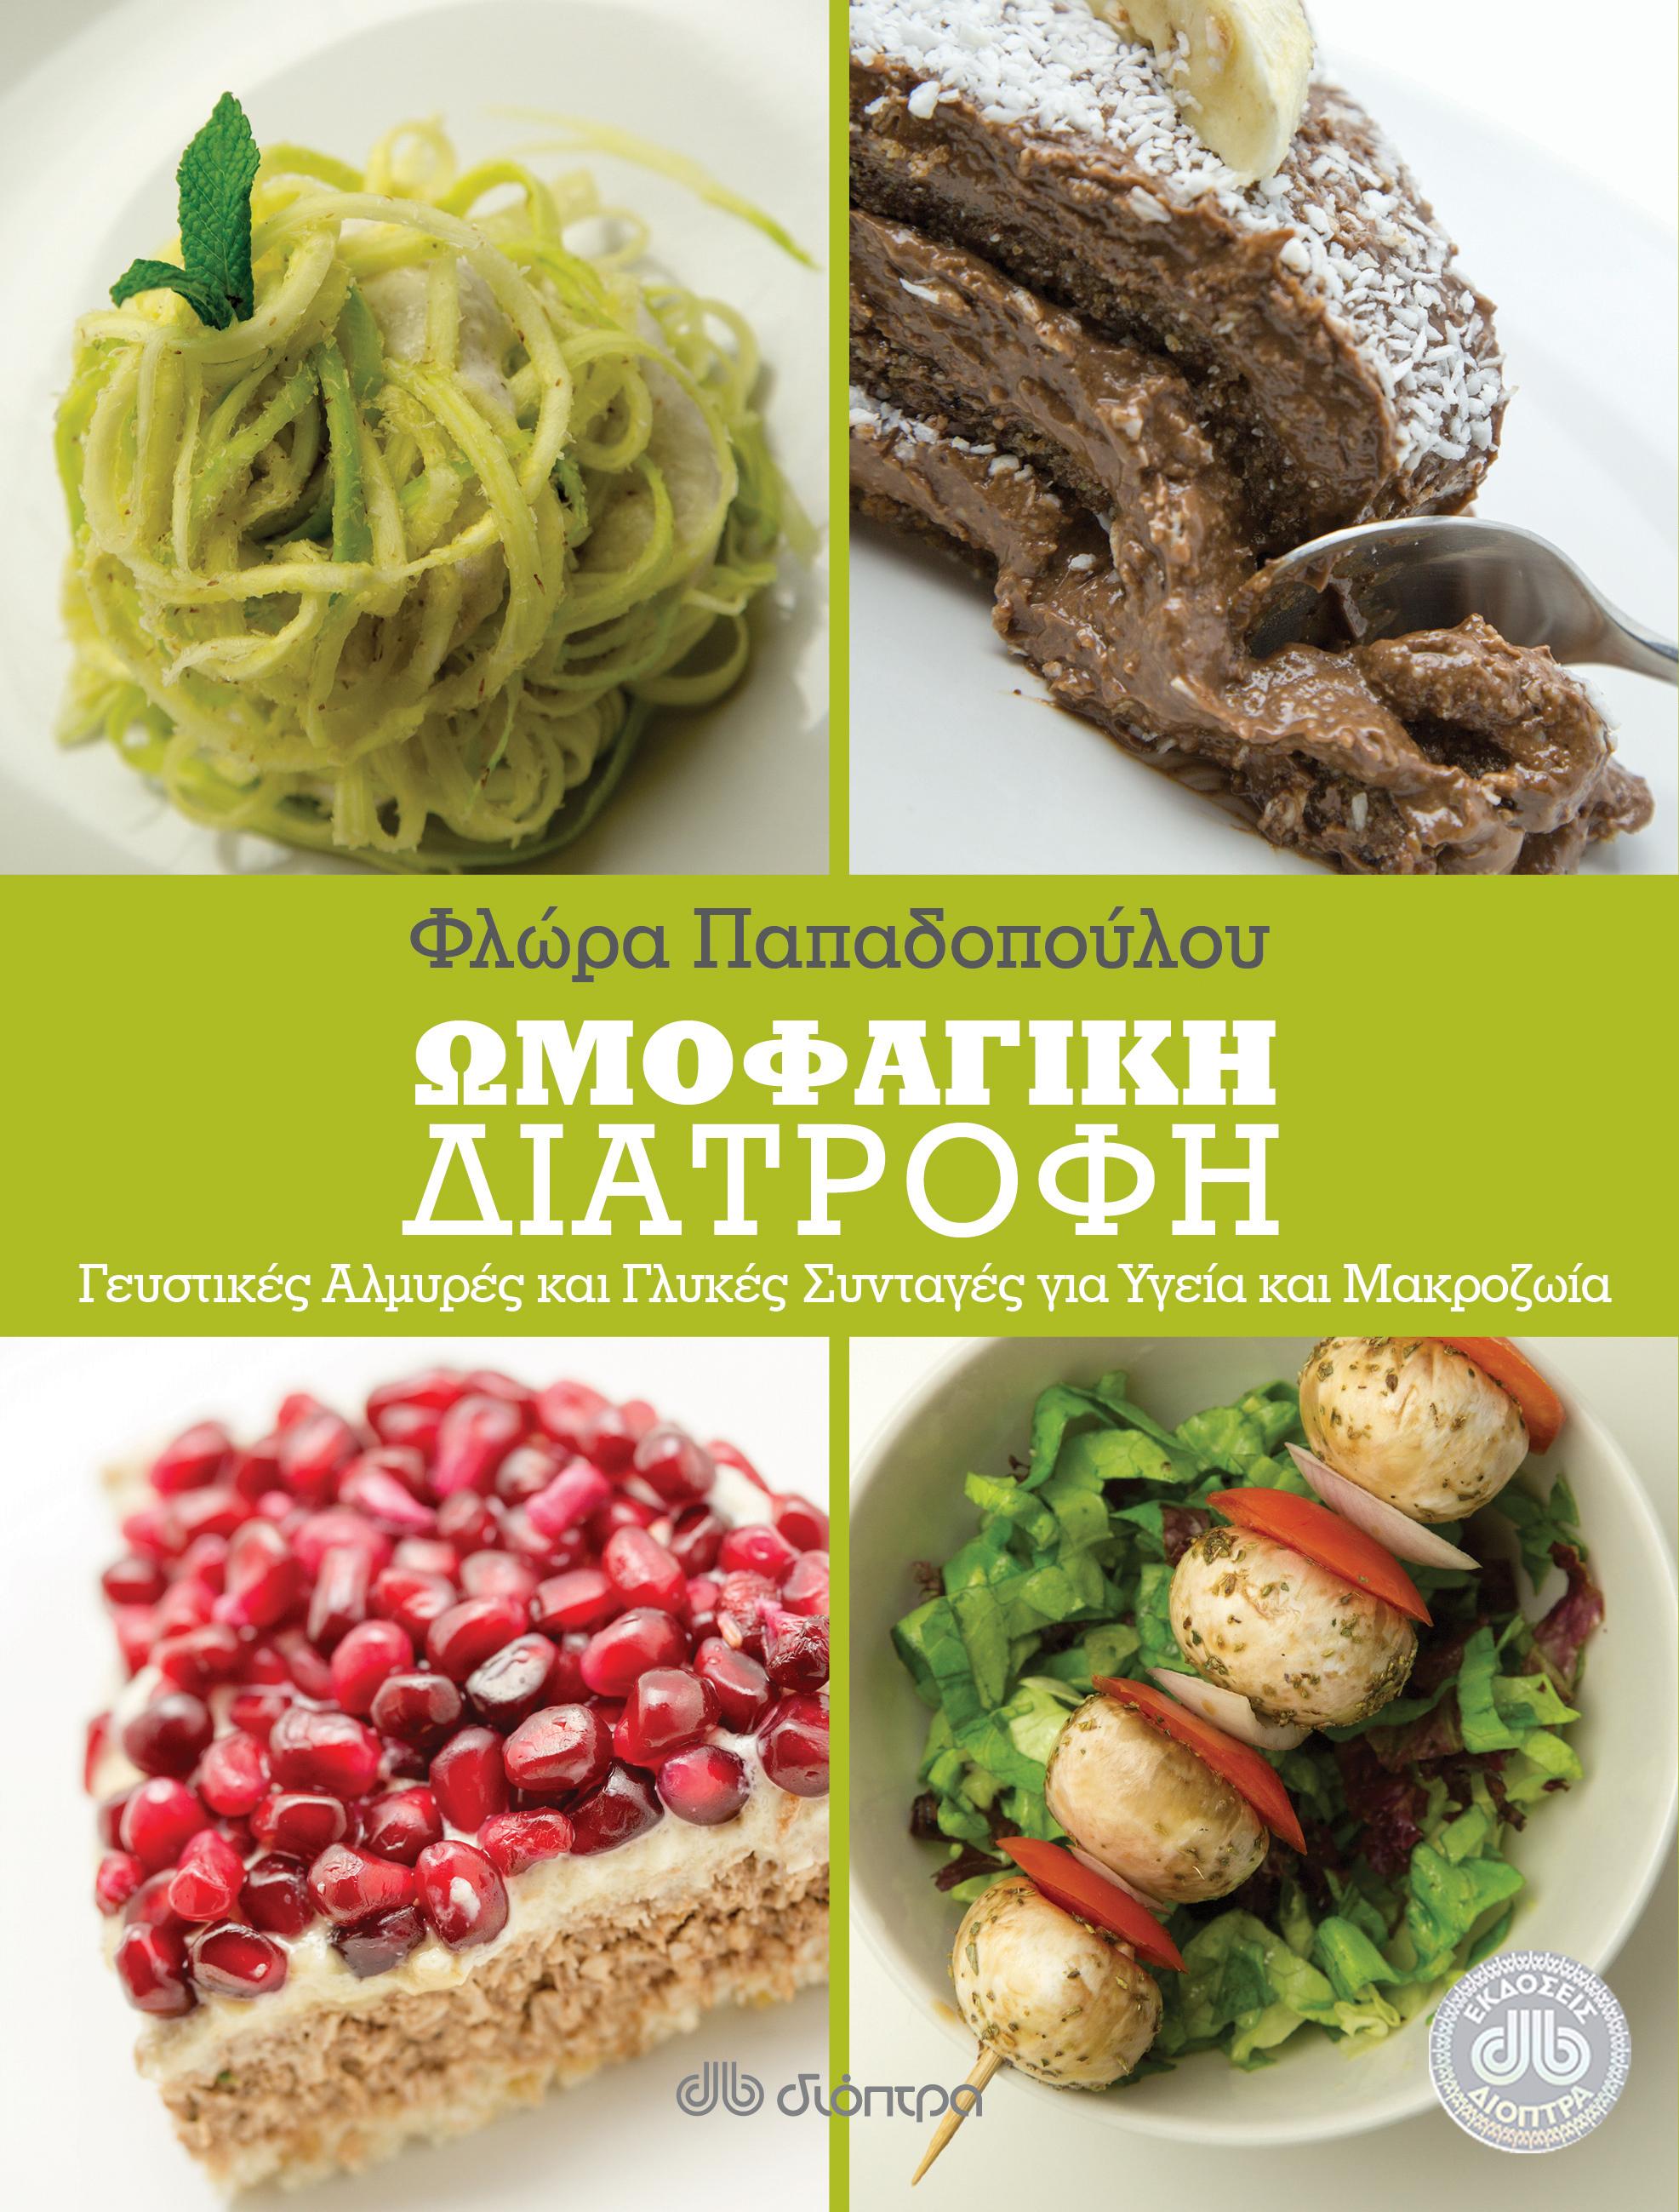 Ωμοφαγική Διατροφή: Αλμυρές Και Γλυκές Συνταγές